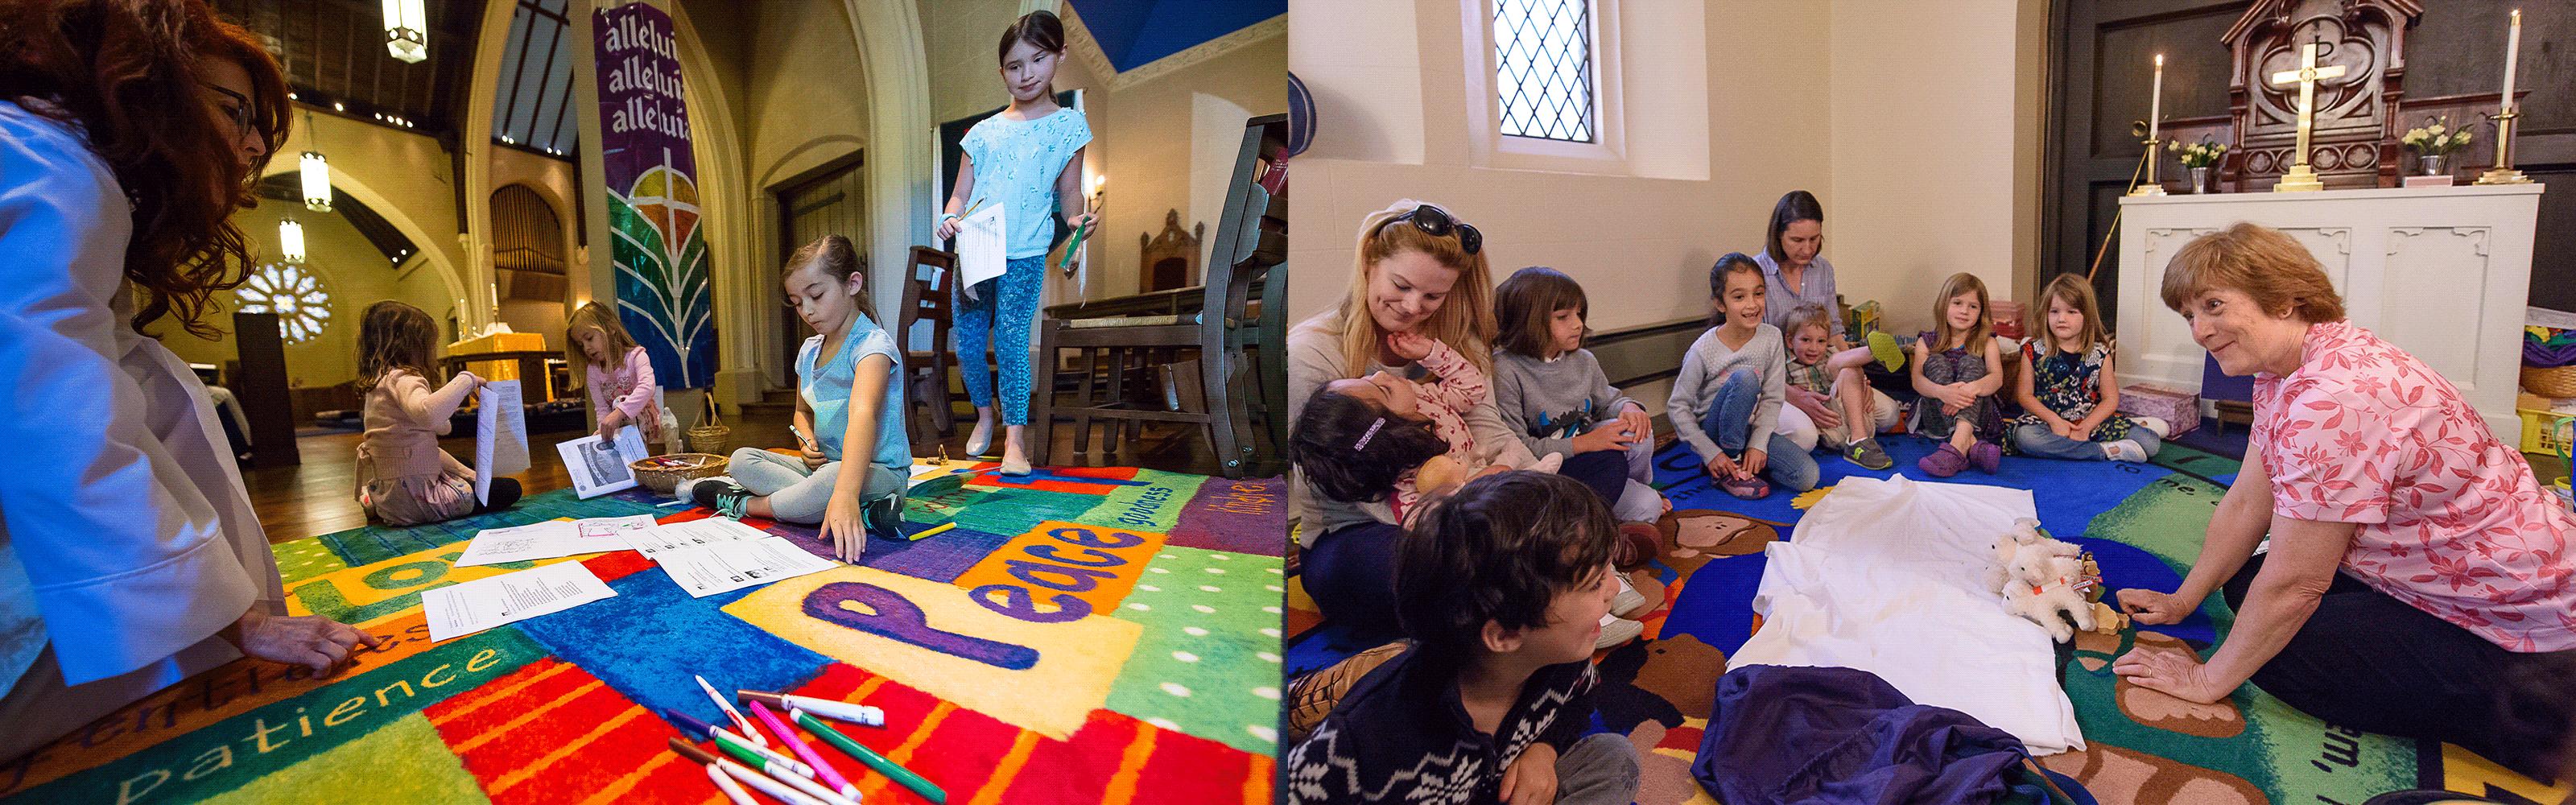 Toddler-Chapel-Prayground-Wide